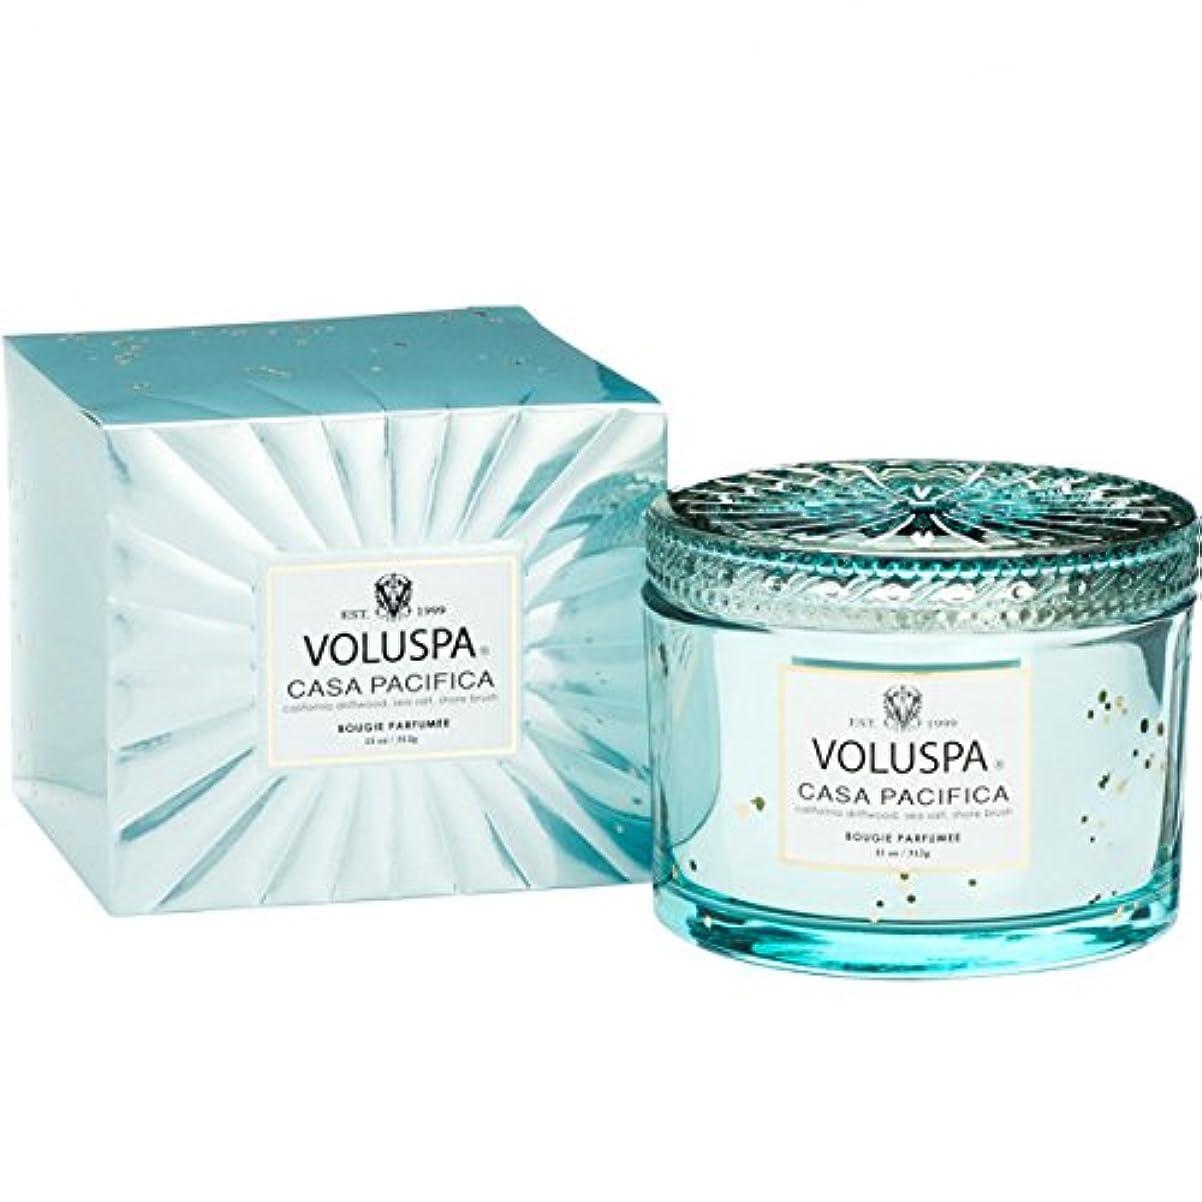 私達レポートを書く強度Voluspa ボルスパ ヴァーメイル ボックス入り グラスキャンドル カーサハ?シフィカ CASA PACIFICA VERMEIL BOX Glass Candle